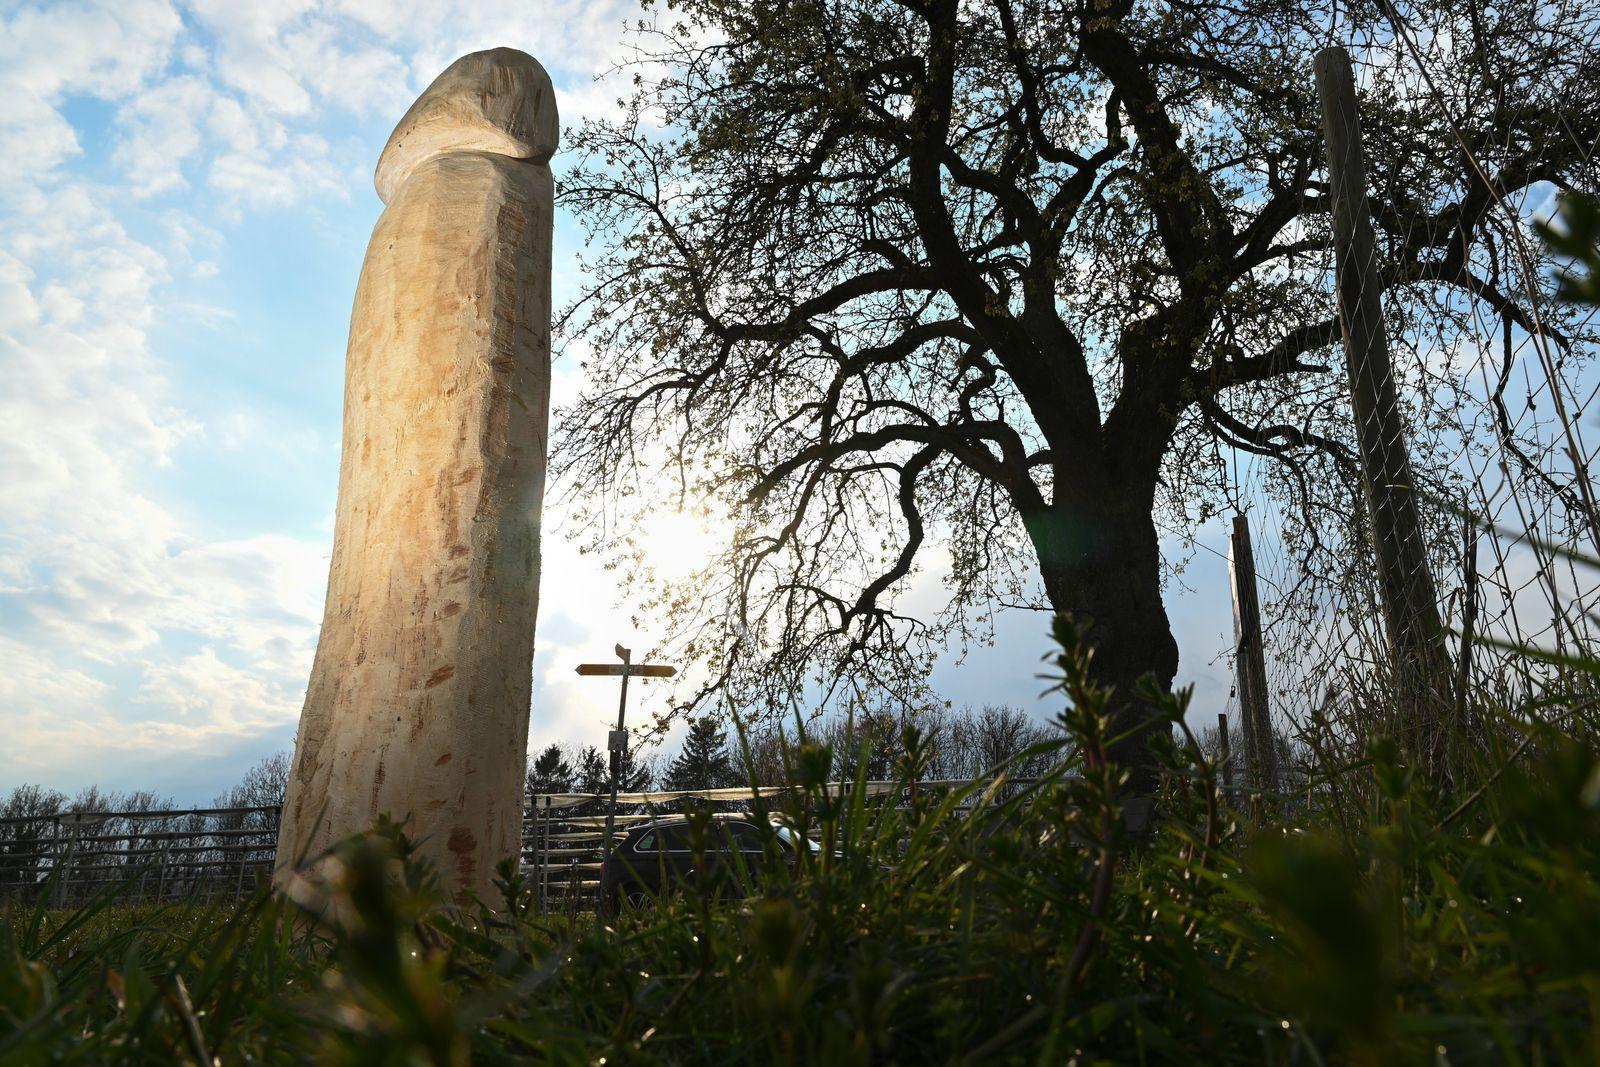 Unbekannte stellen Holz-Penis auf